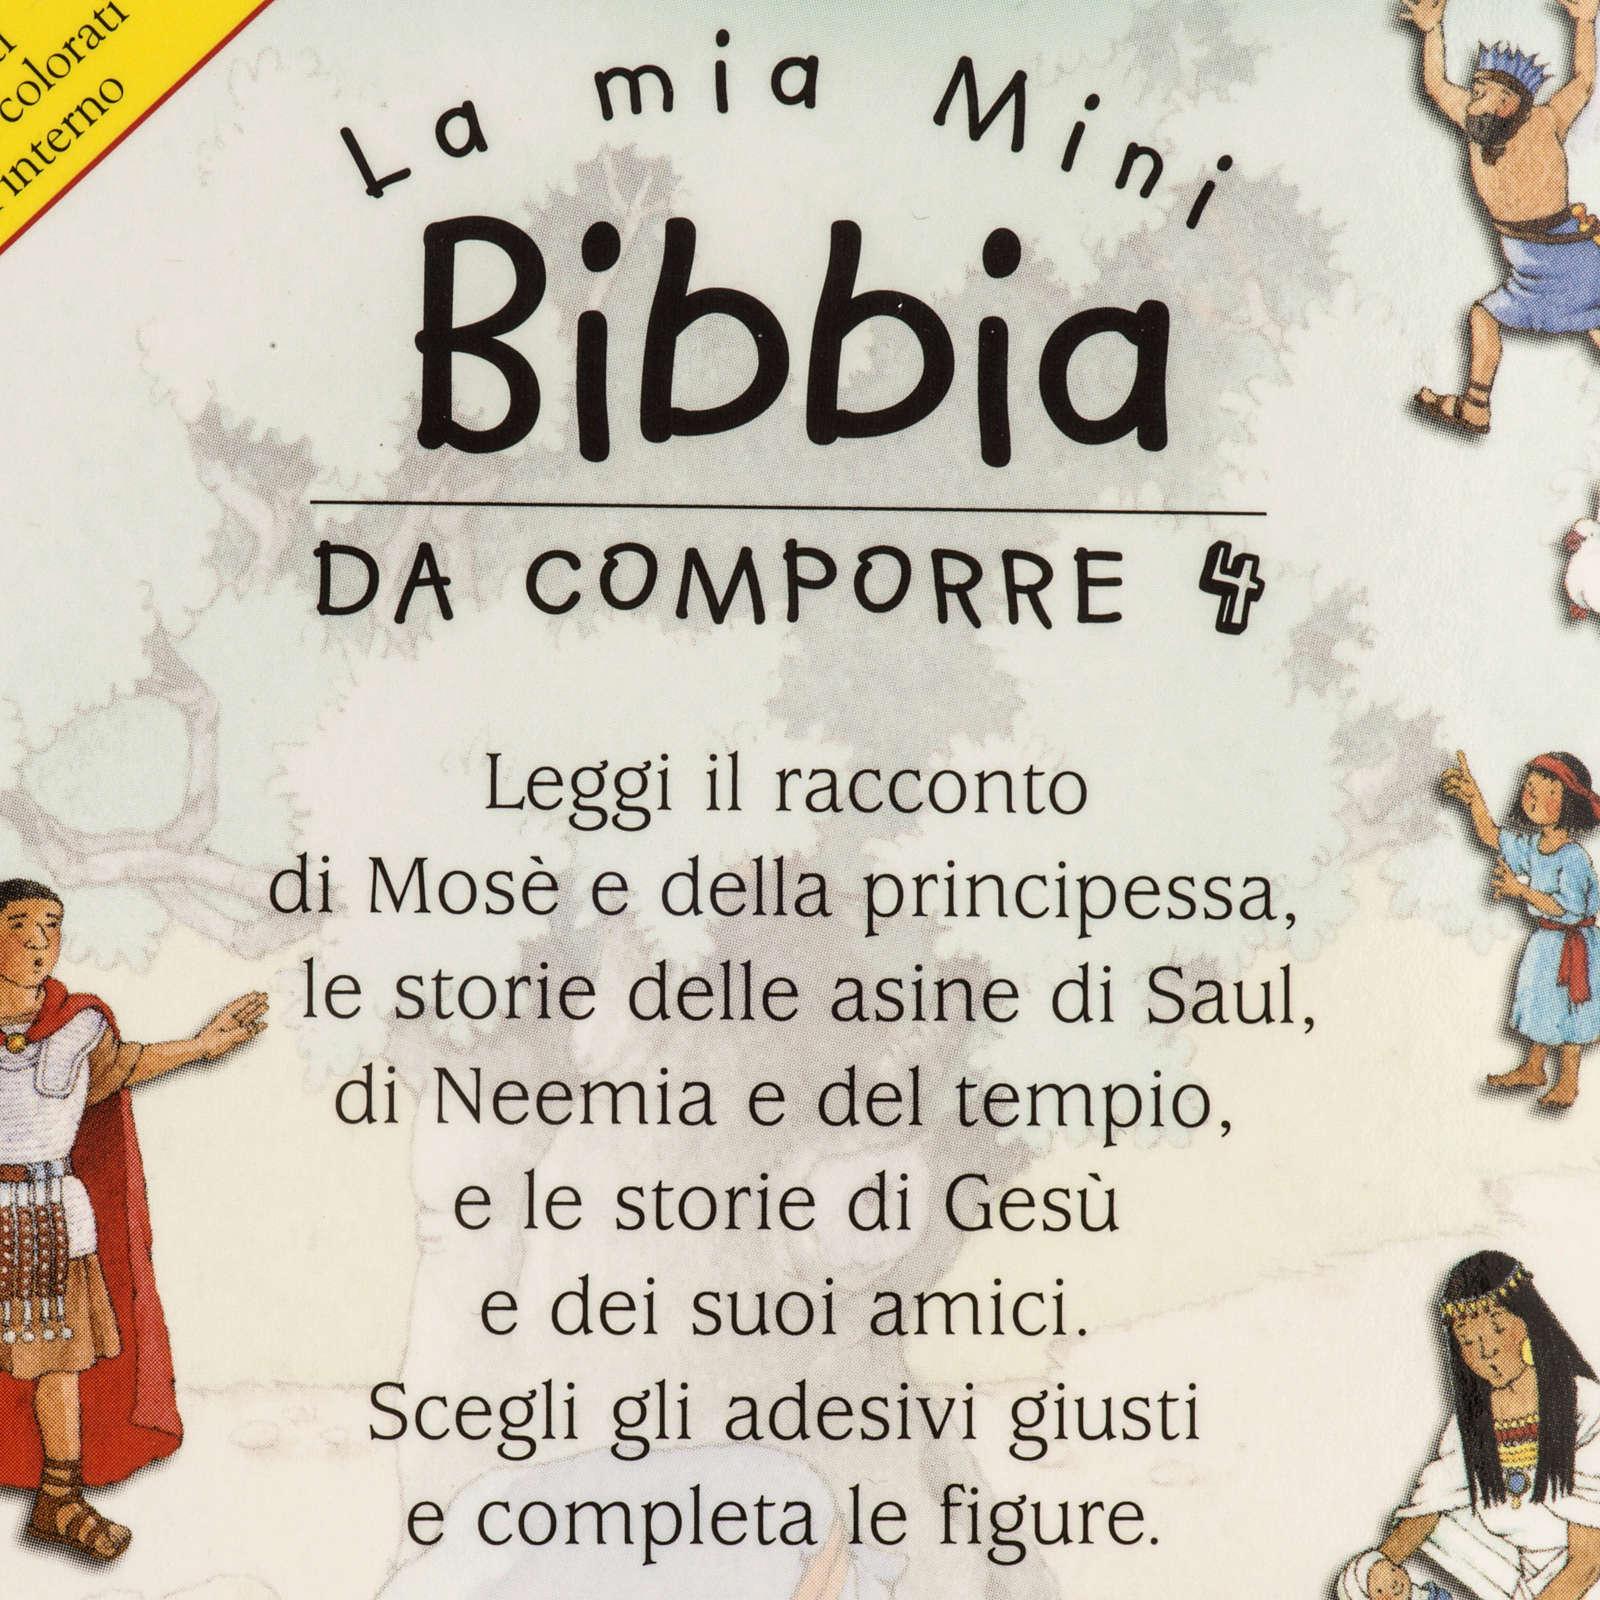 La Mia Mini Bibbia da comporre 4 4